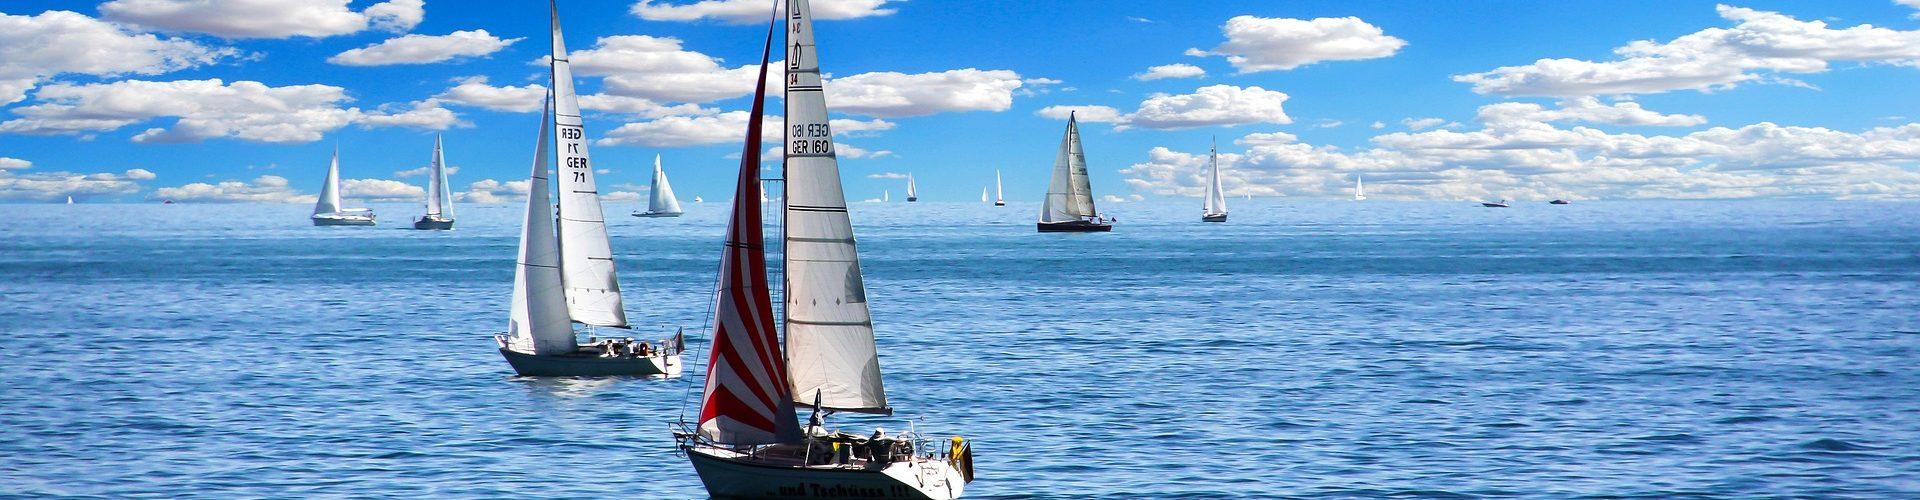 segeln lernen in Springe segelschein machen in Springe 1920x500 - Segeln lernen in Springe